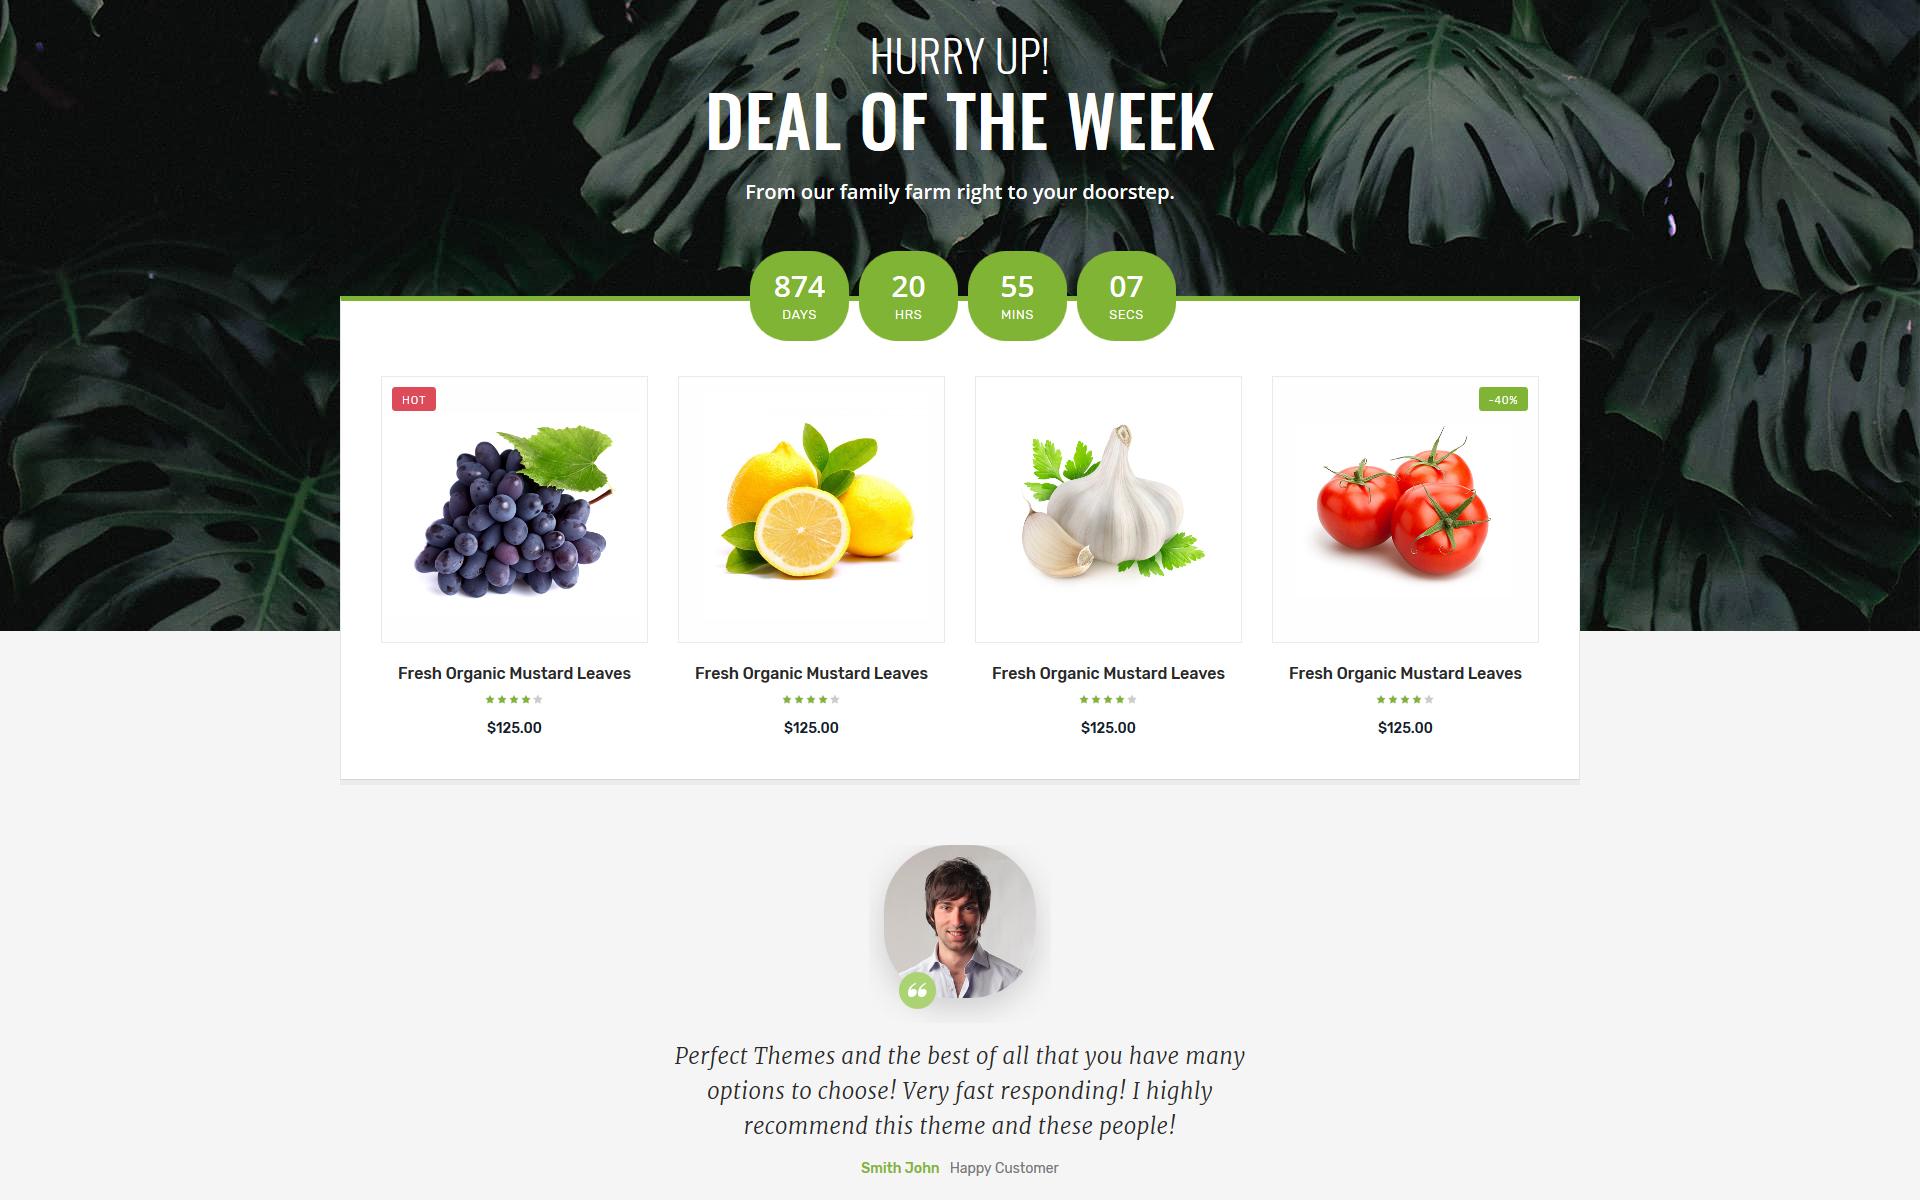 Plantilla para sitios web - Categoría: Cafés y restaurantes - versión para Desktop